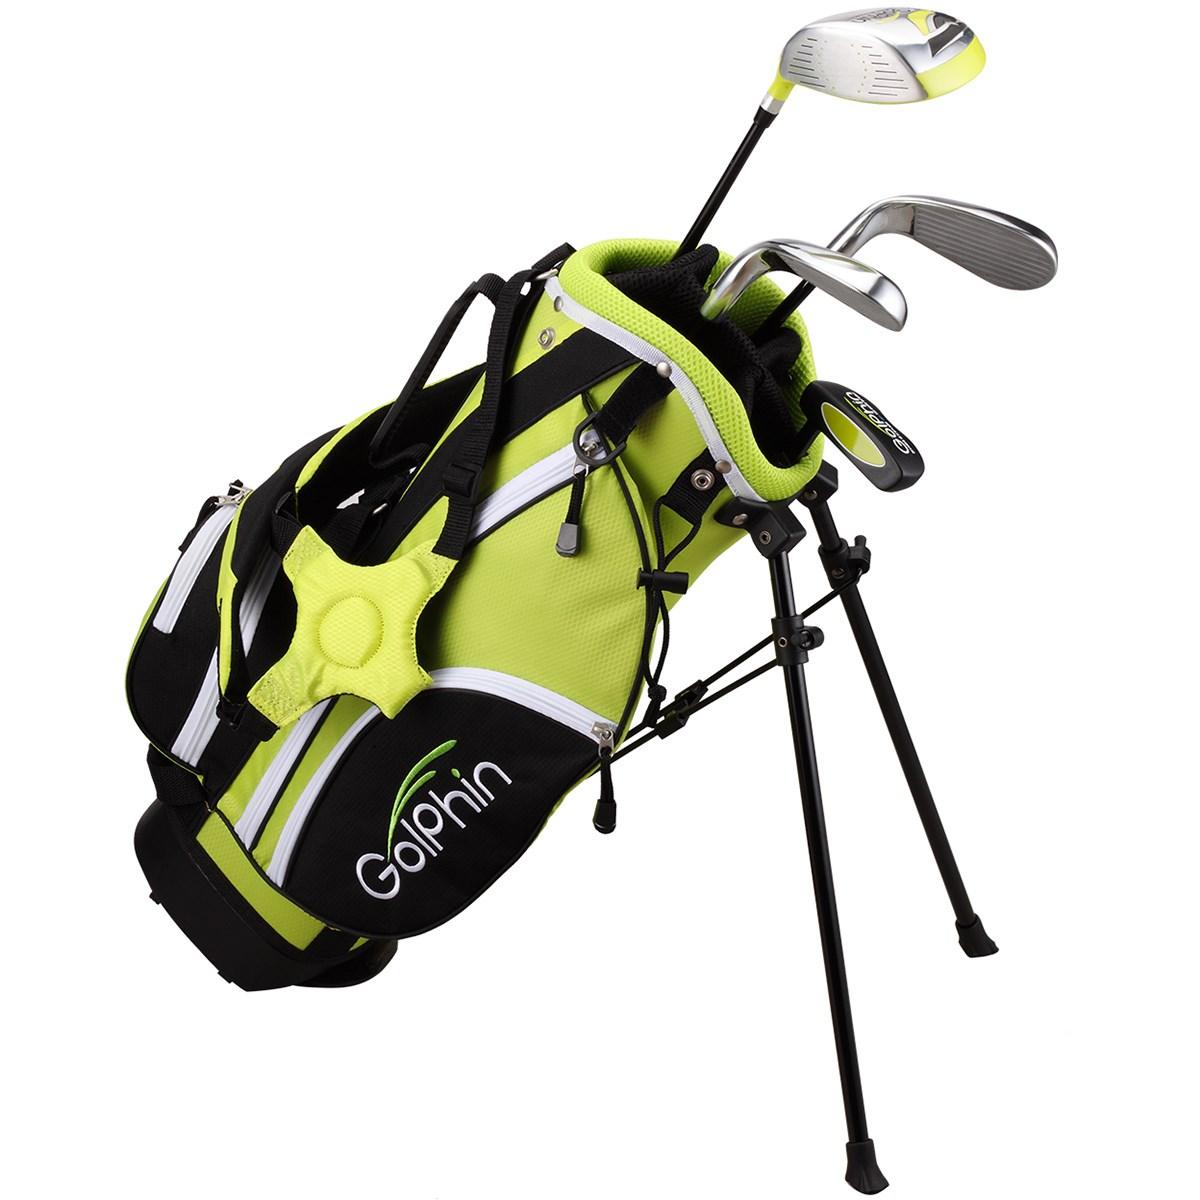 ダイヤゴルフ ゴルフィン クラブセット526(4本セット) 5-6歳用ジュニア